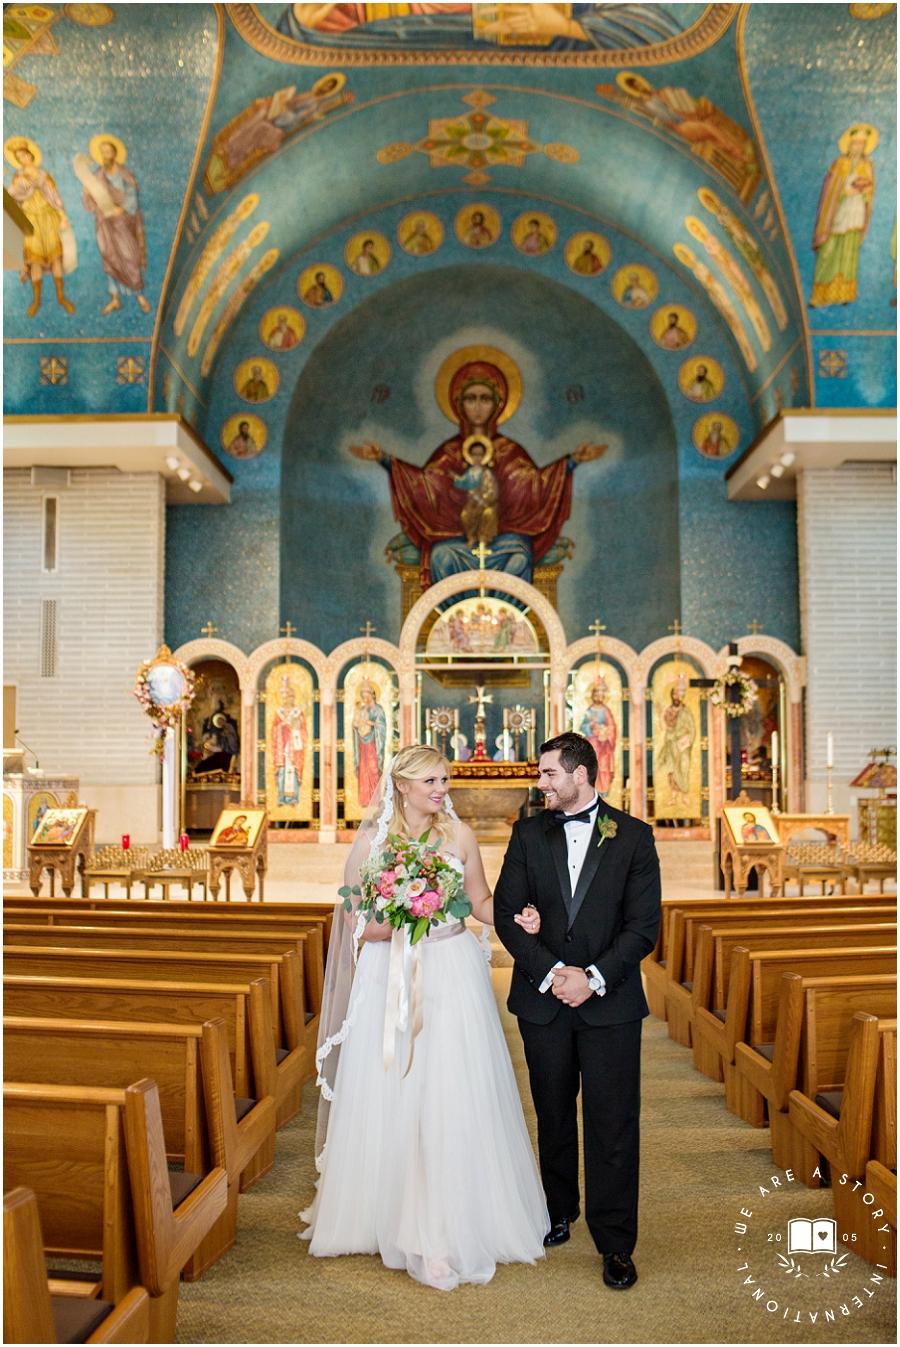 21 C Museum Cincinnati Wedding Photos_1982.jpg